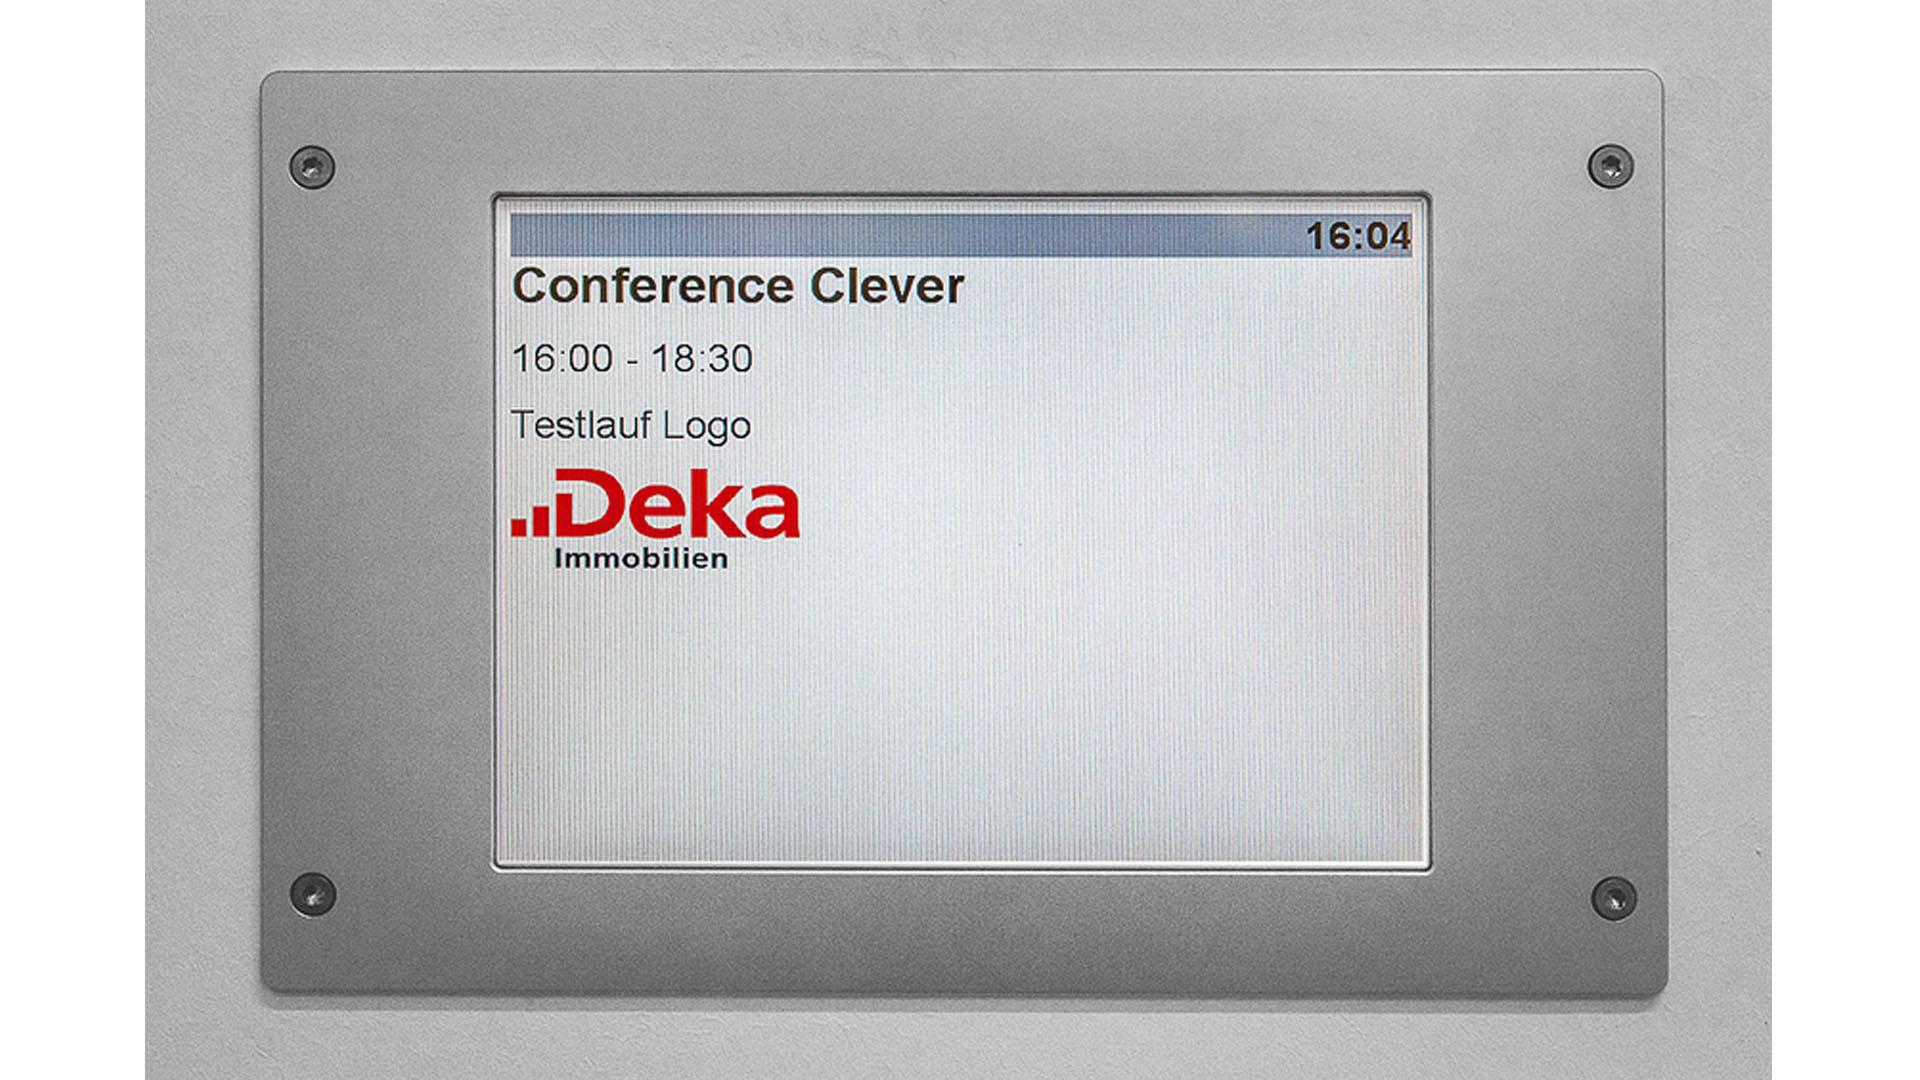 MAASS-Lichtplanung_Planung von Konferenzzentrum__MAASS-Trilounge-005